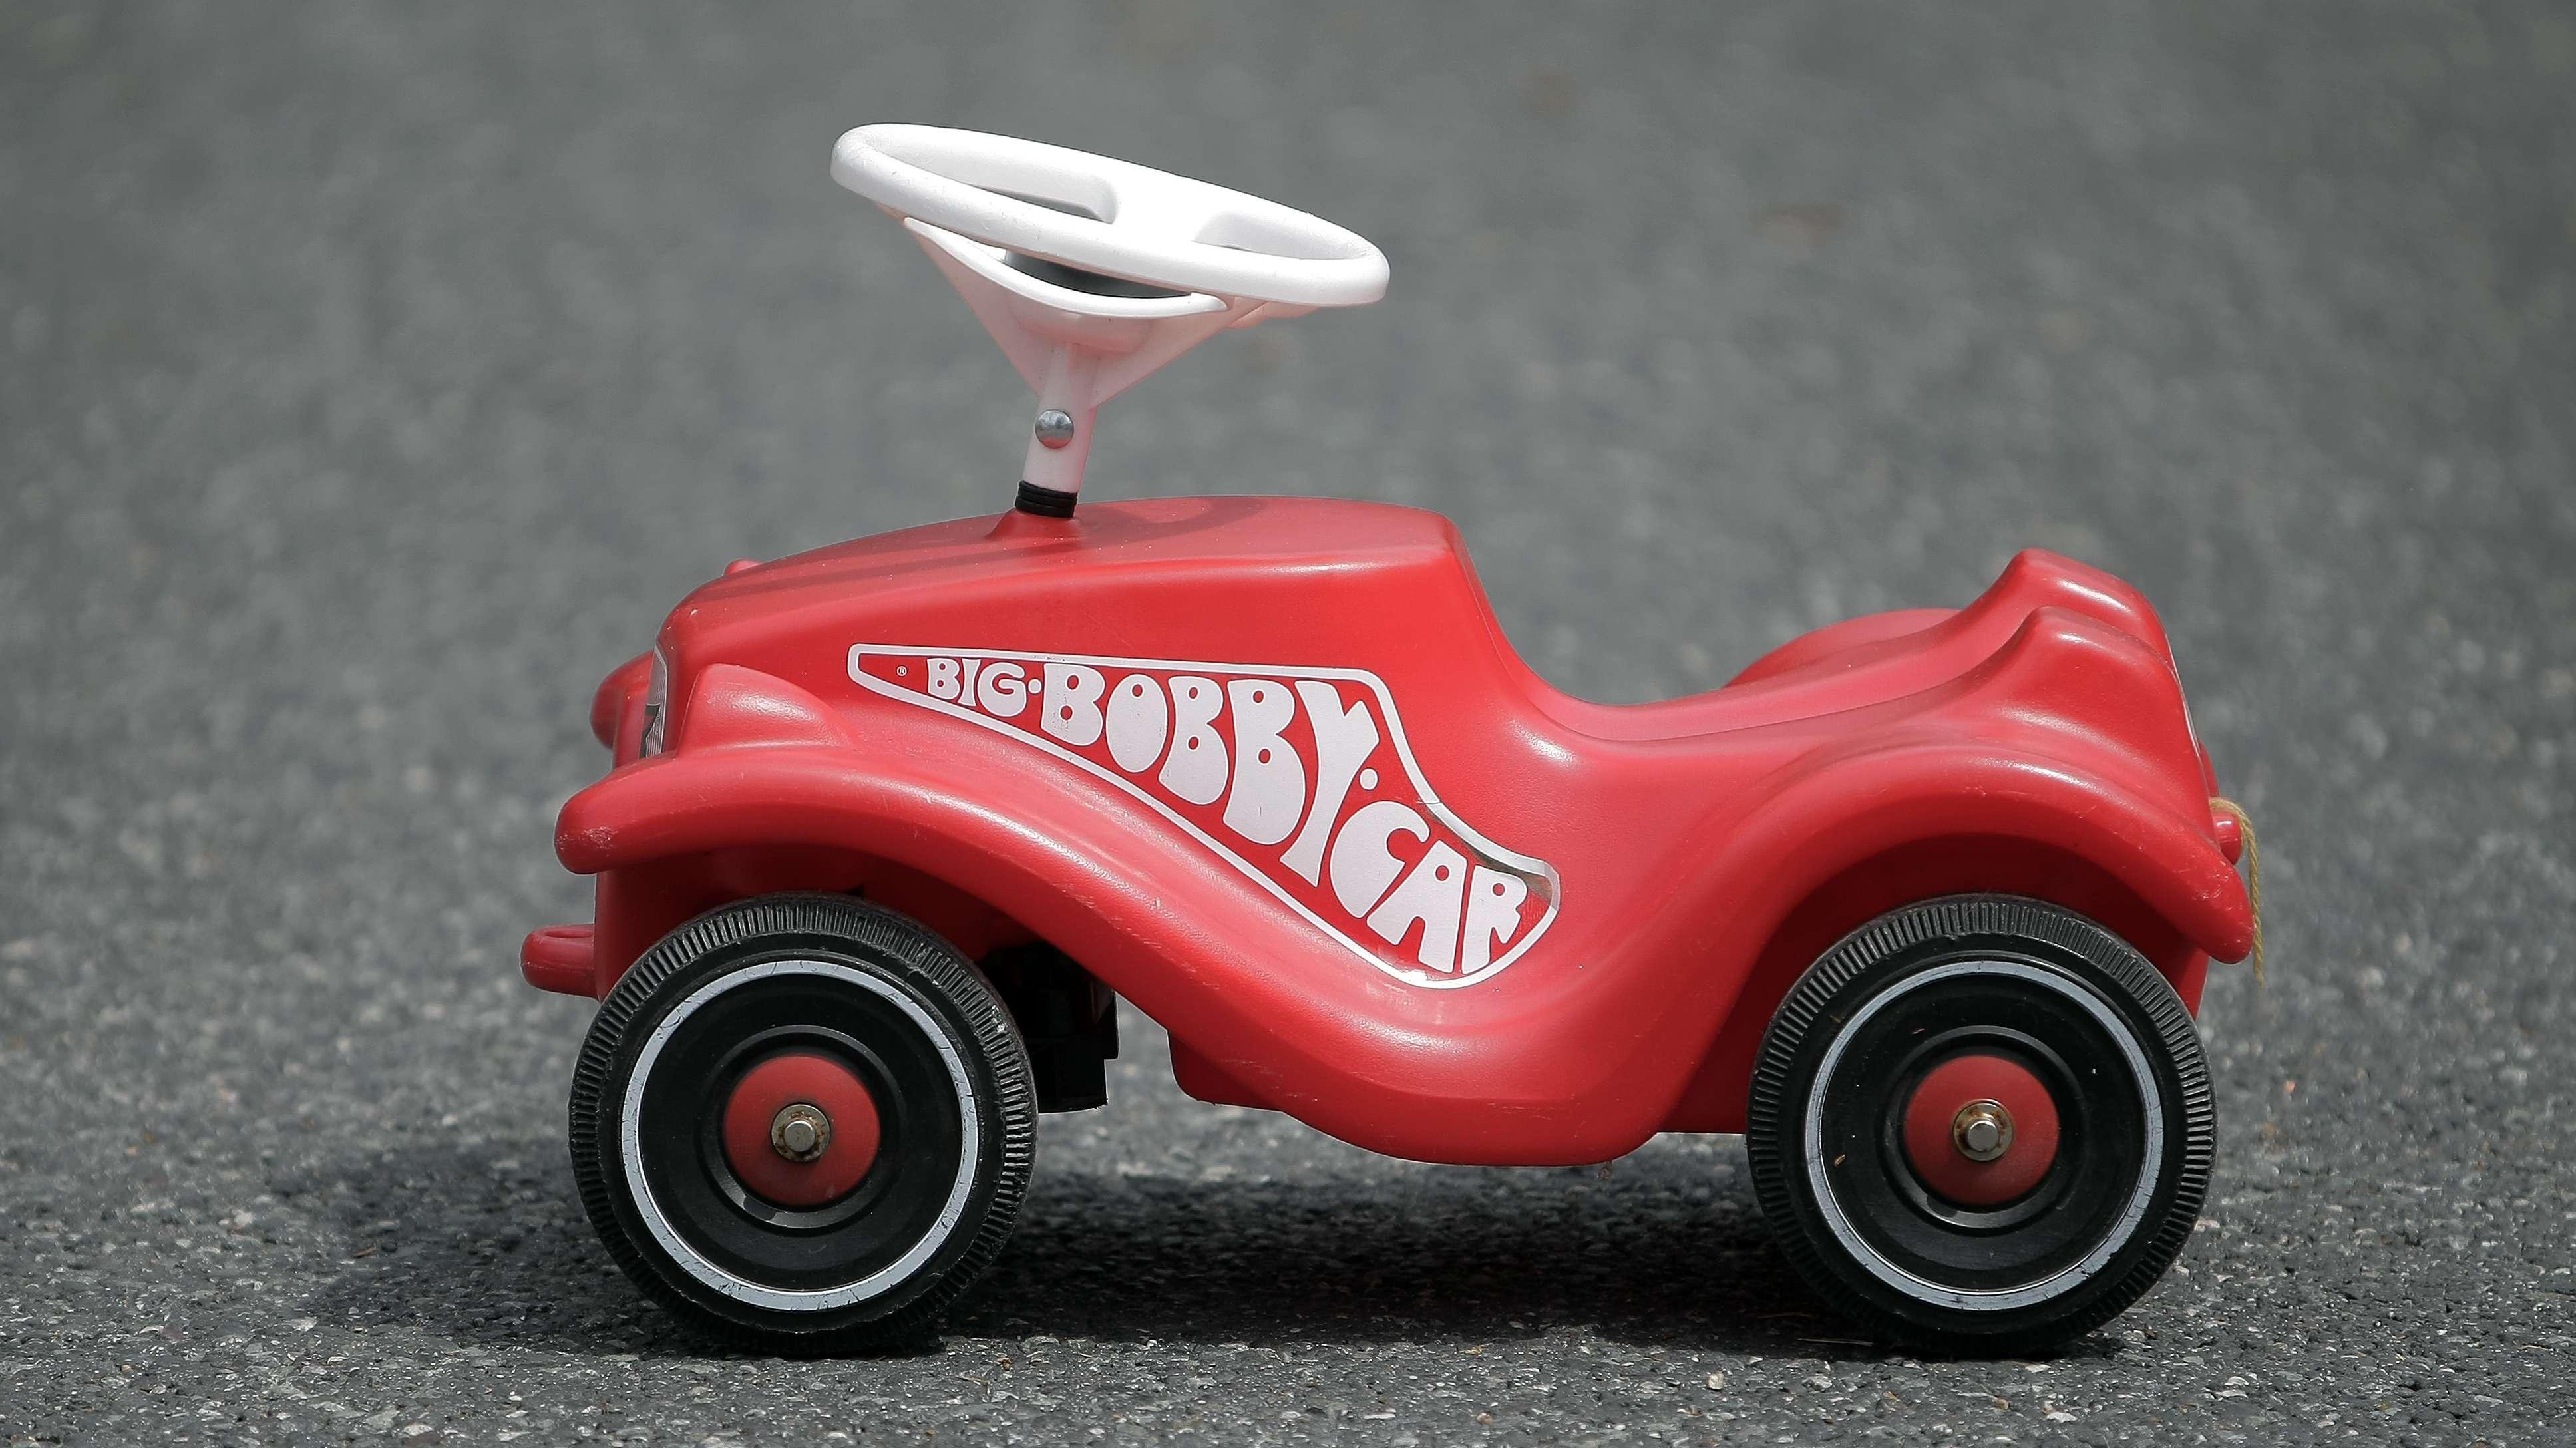 Großaufnahme eines roten Bobby-Cars der auf einer Teerstraße steht